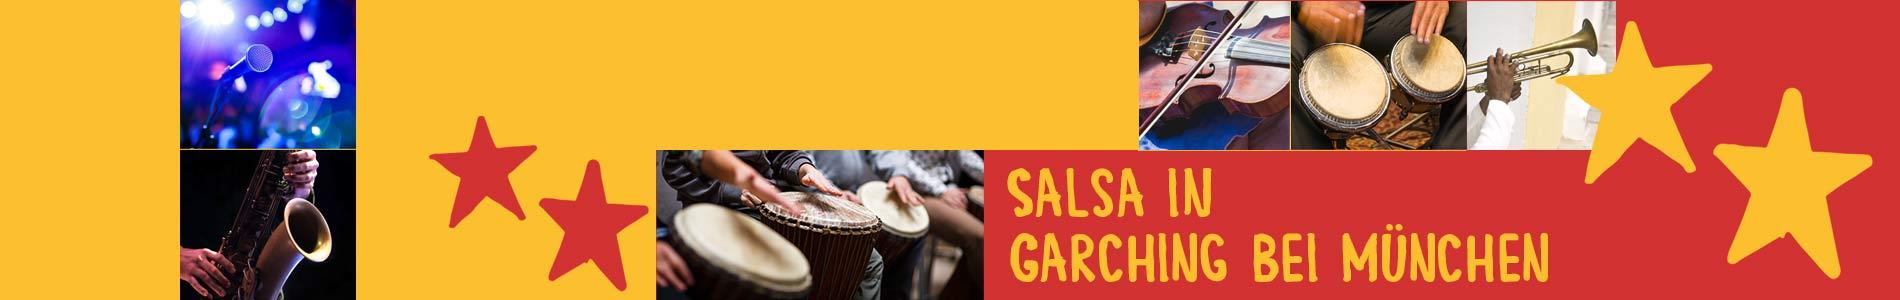 Salsa in Garching bei München – Salsa lernen und tanzen, Tanzkurse, Partys, Veranstaltungen